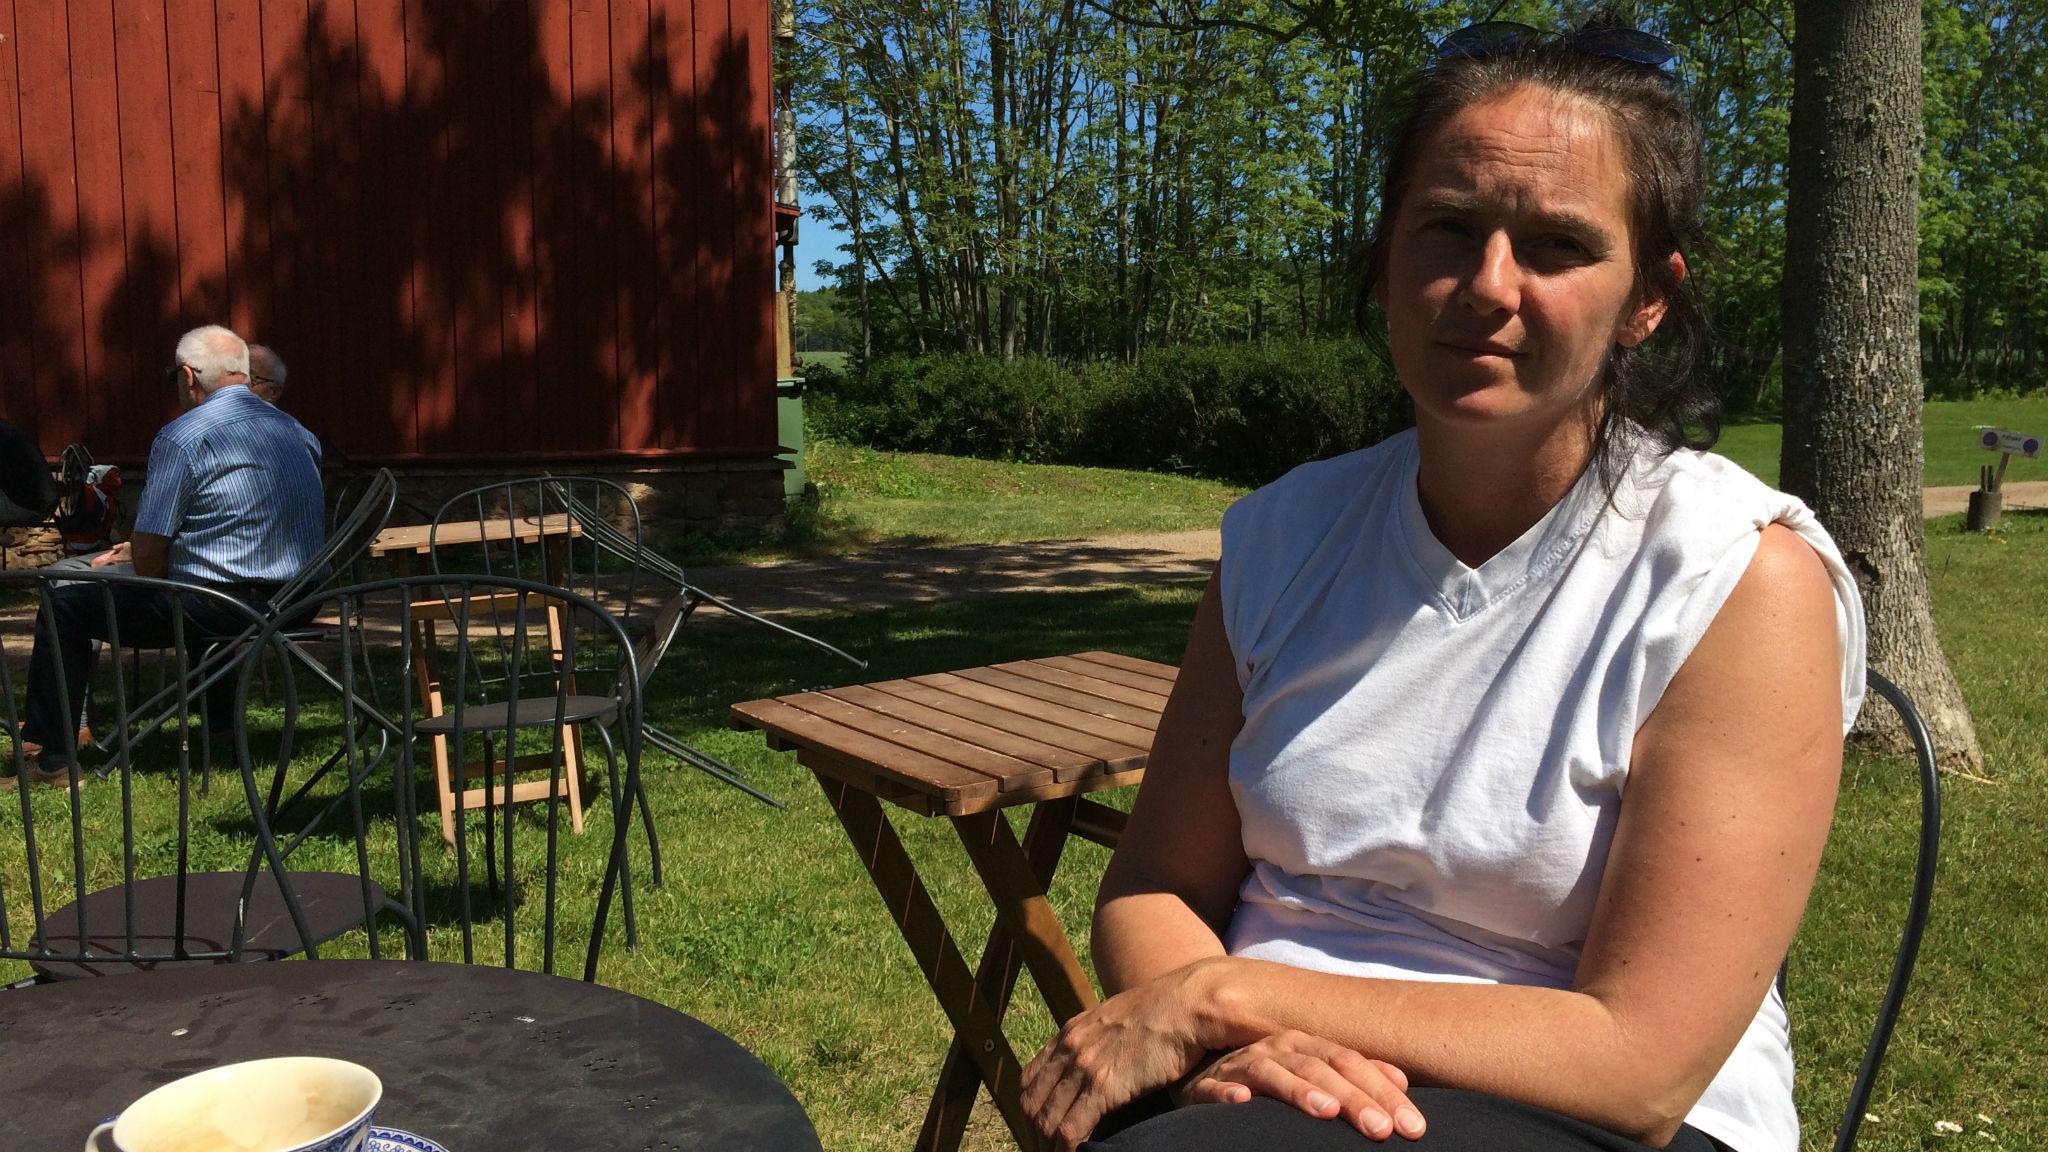 kvinna söker man stockholm Åkersberga